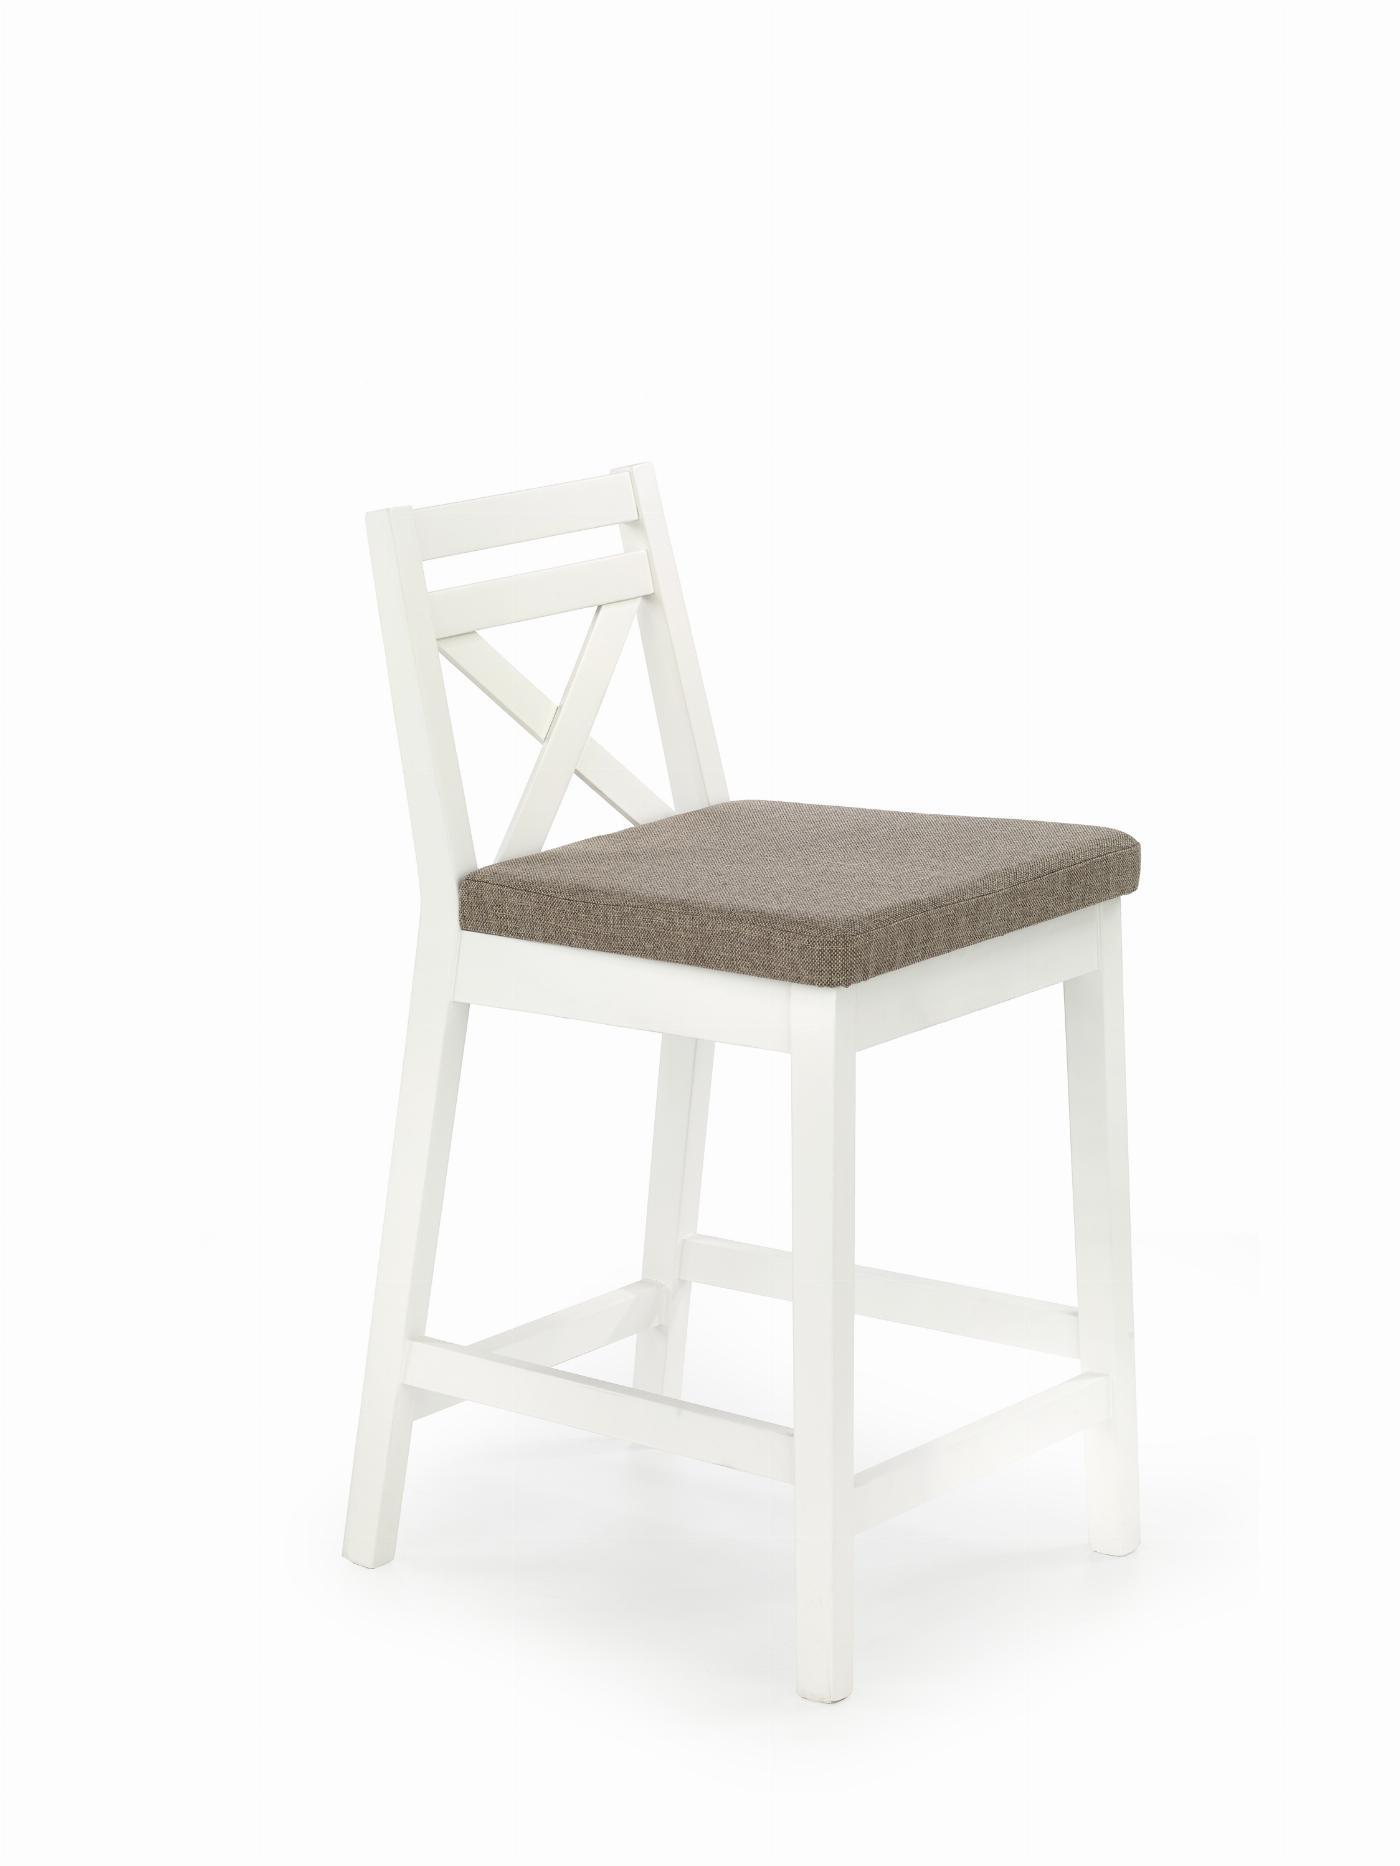 BORYS LOW krzesło barowe niskie biały / tap. Inari 23 (1p=1szt)